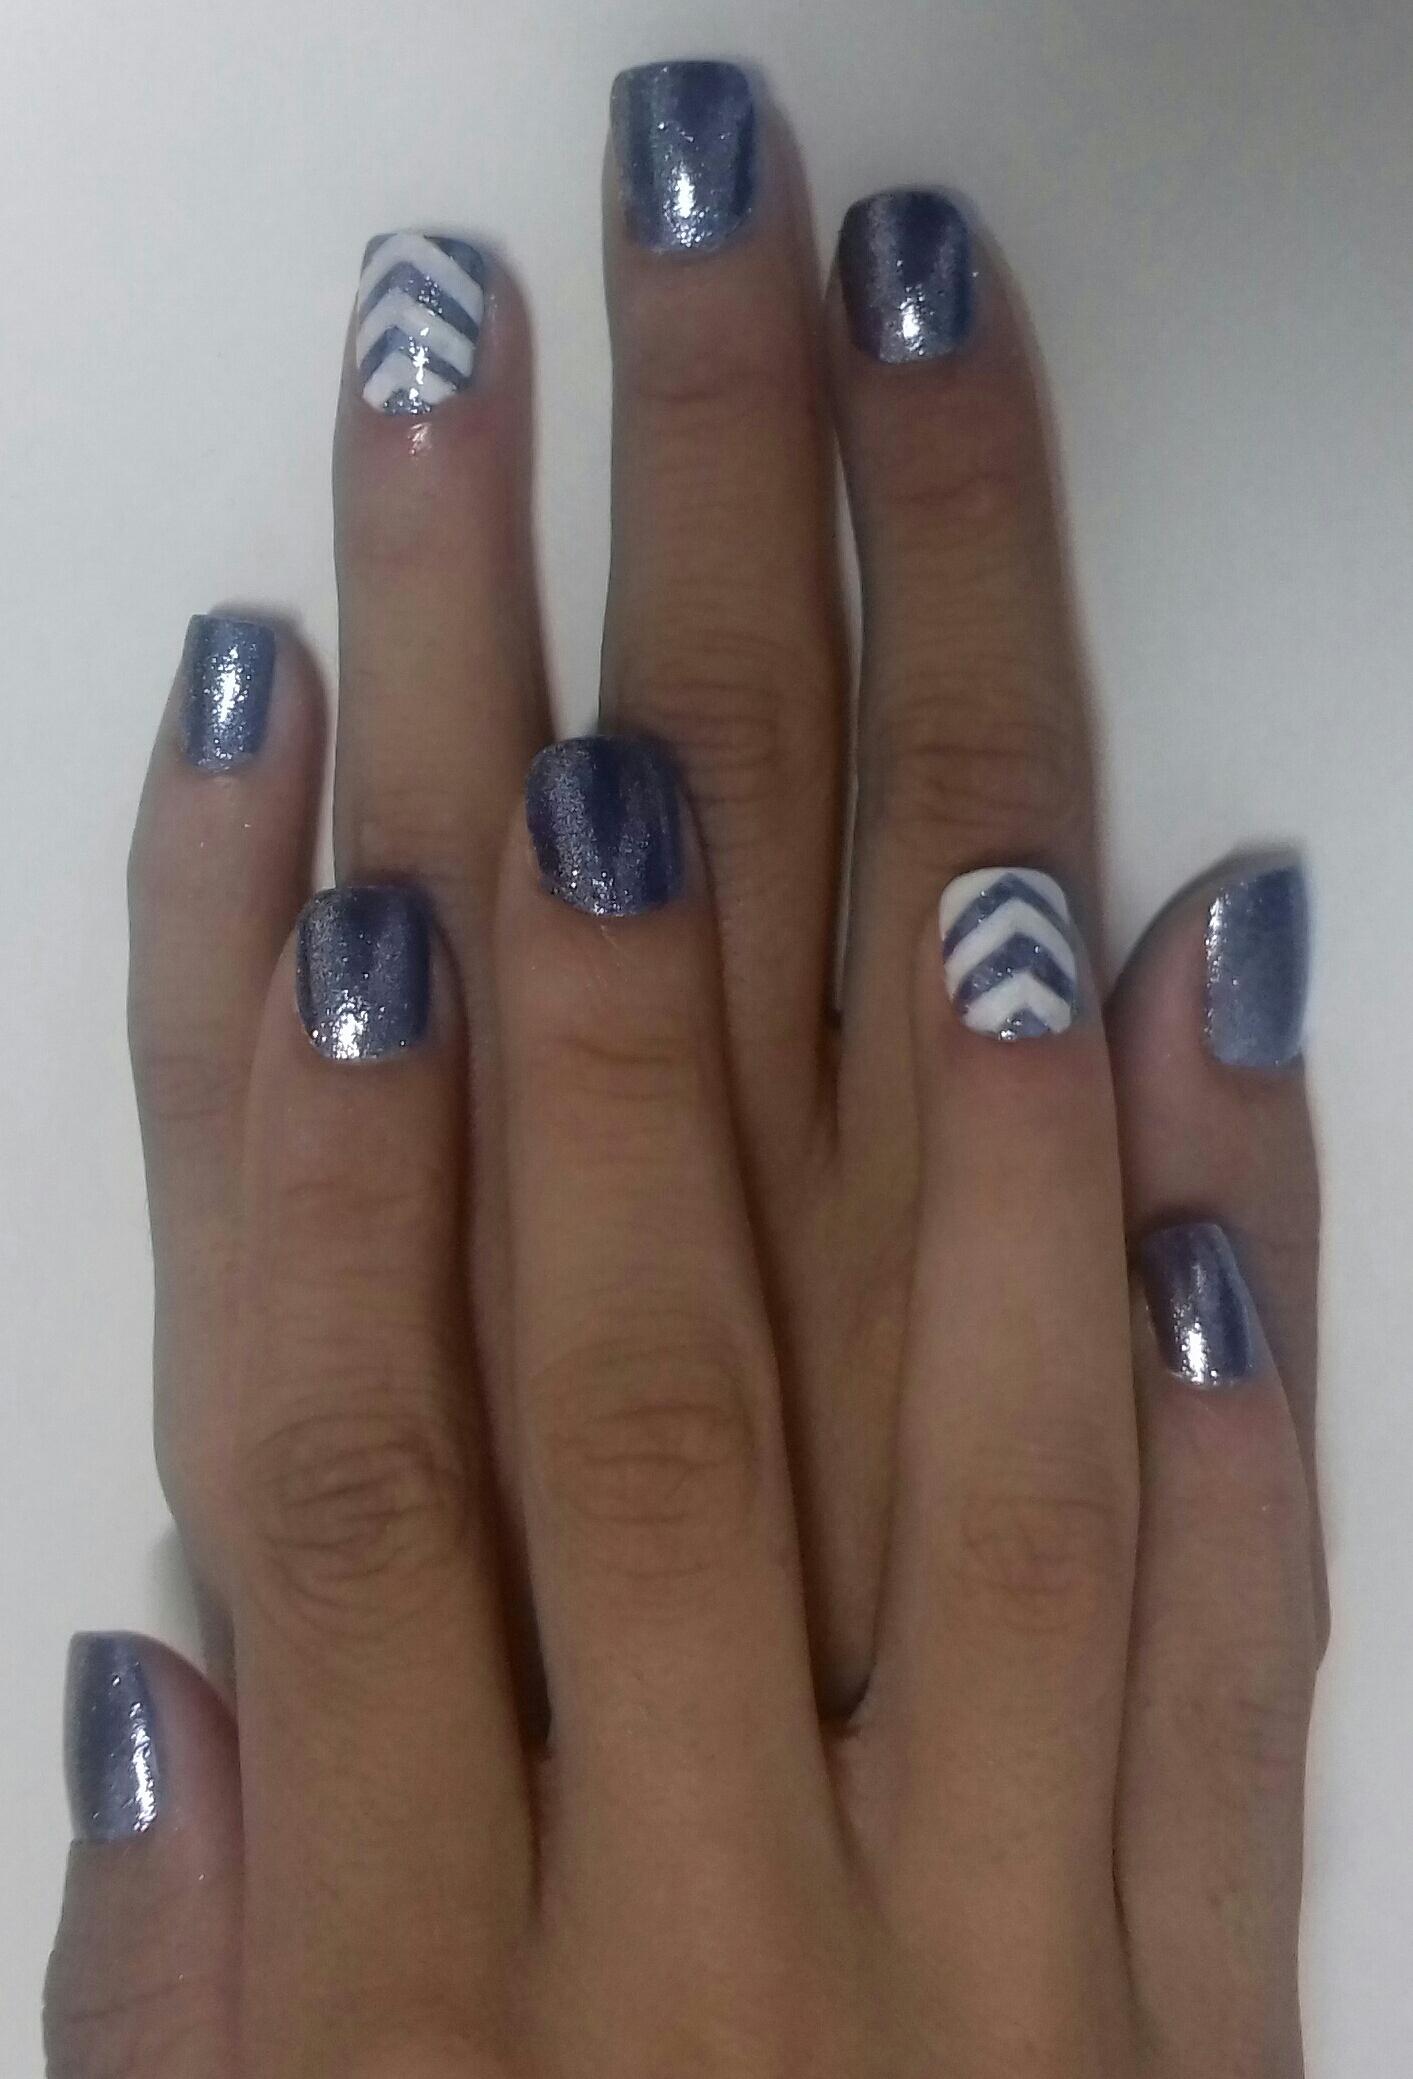 #unhadecorada unha designer de sobrancelhas depilador(a) manicure e pedicure